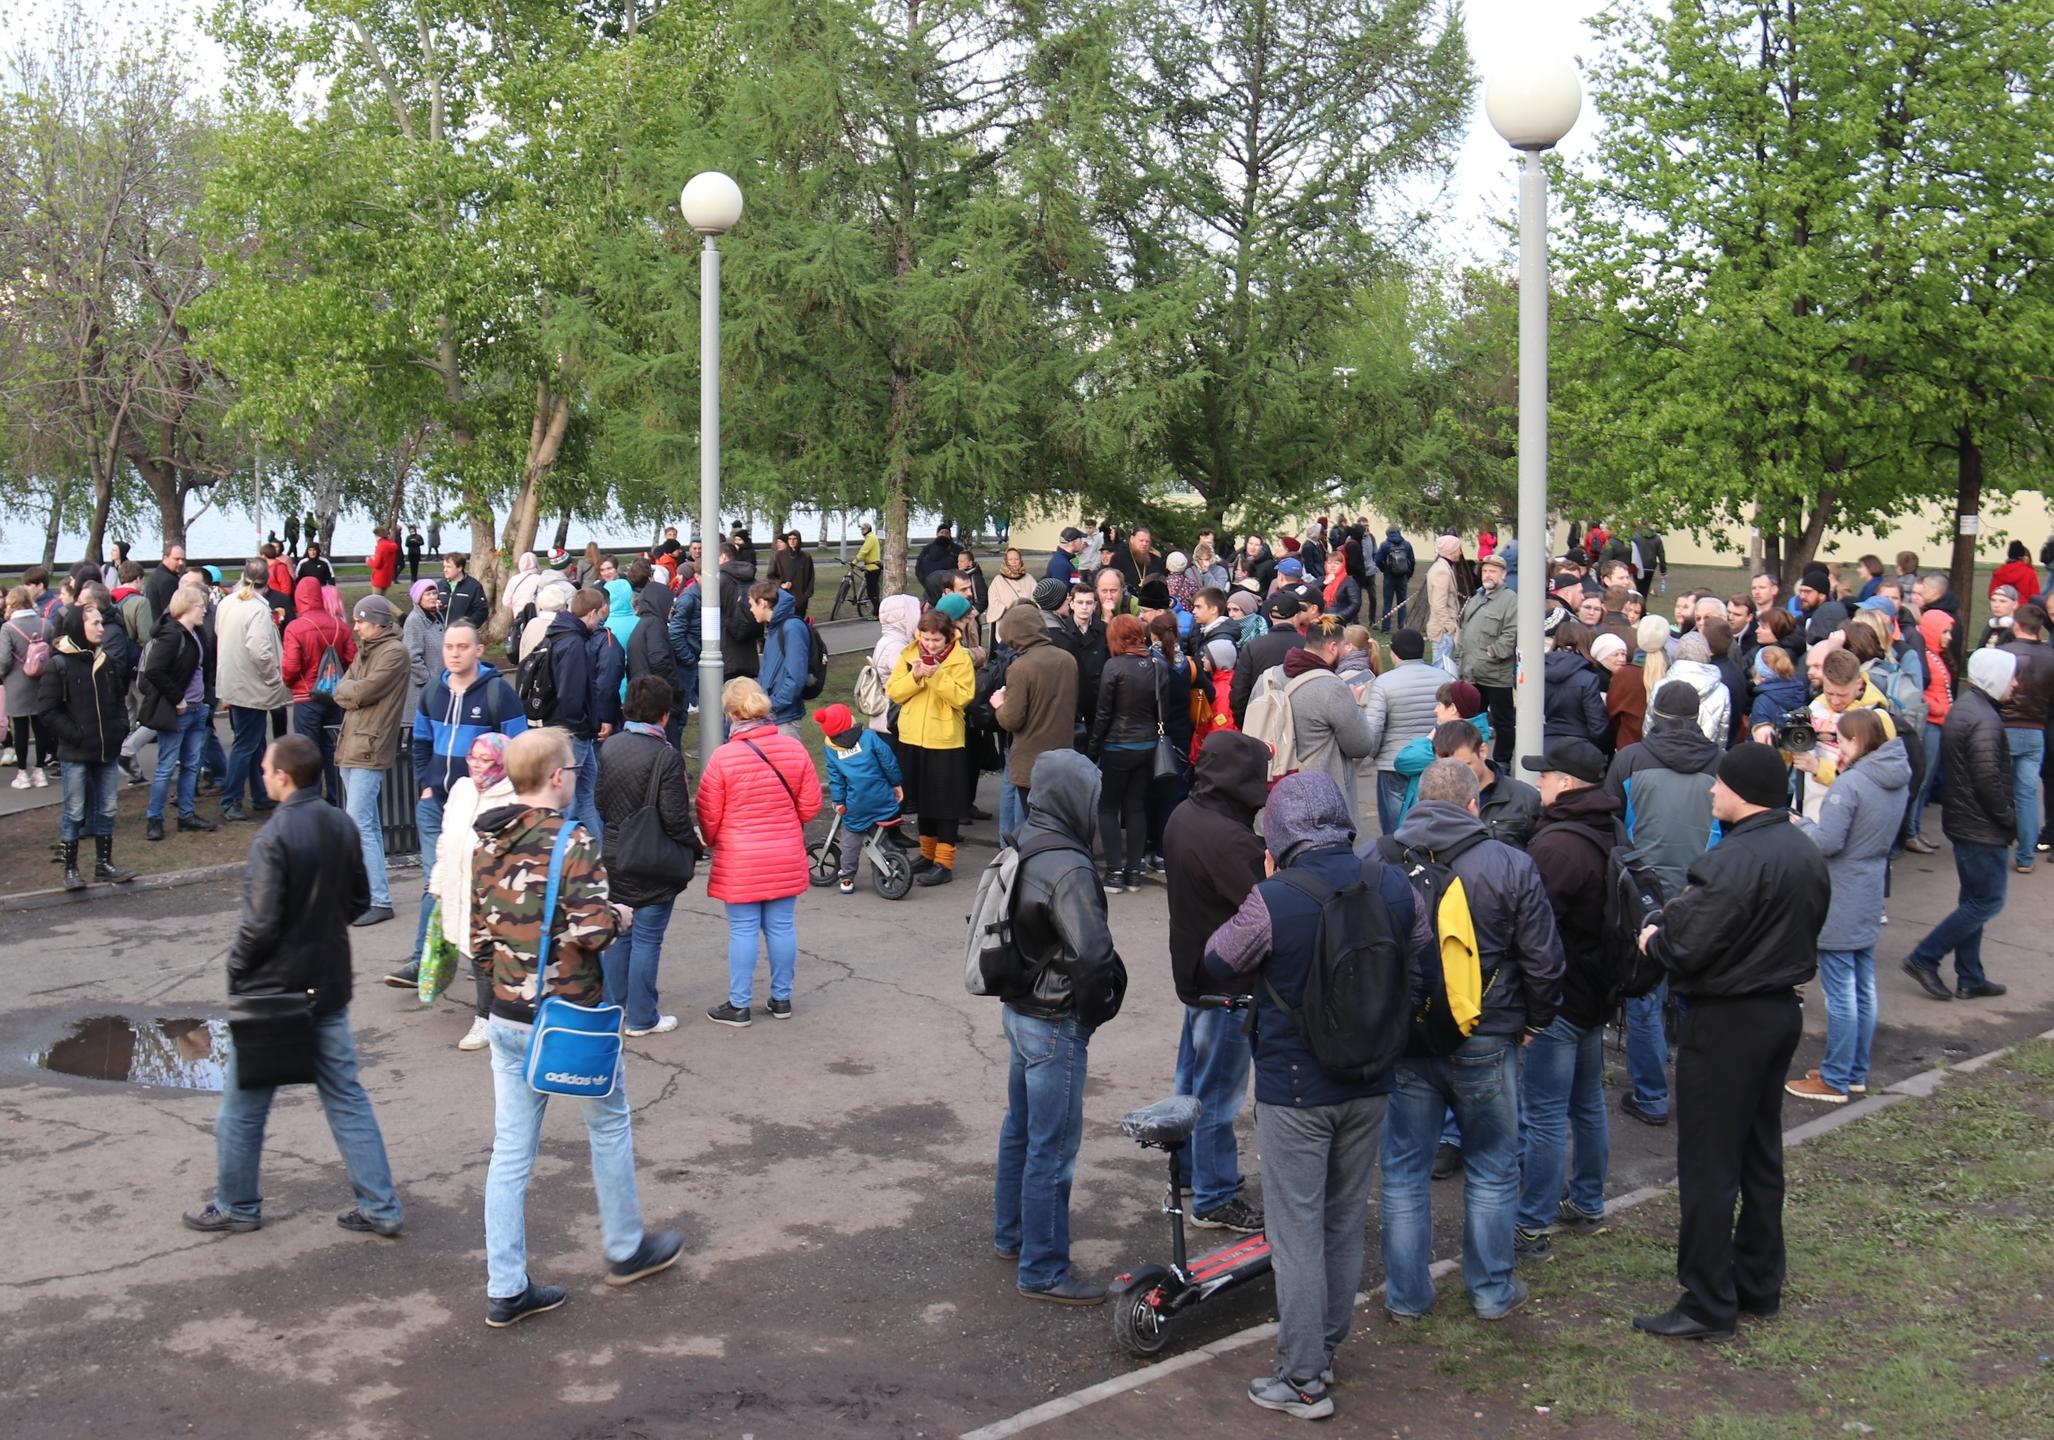 В Кремле назвали продолжение диалога о храме в Екатеринбурге способом решить назревшую проблему